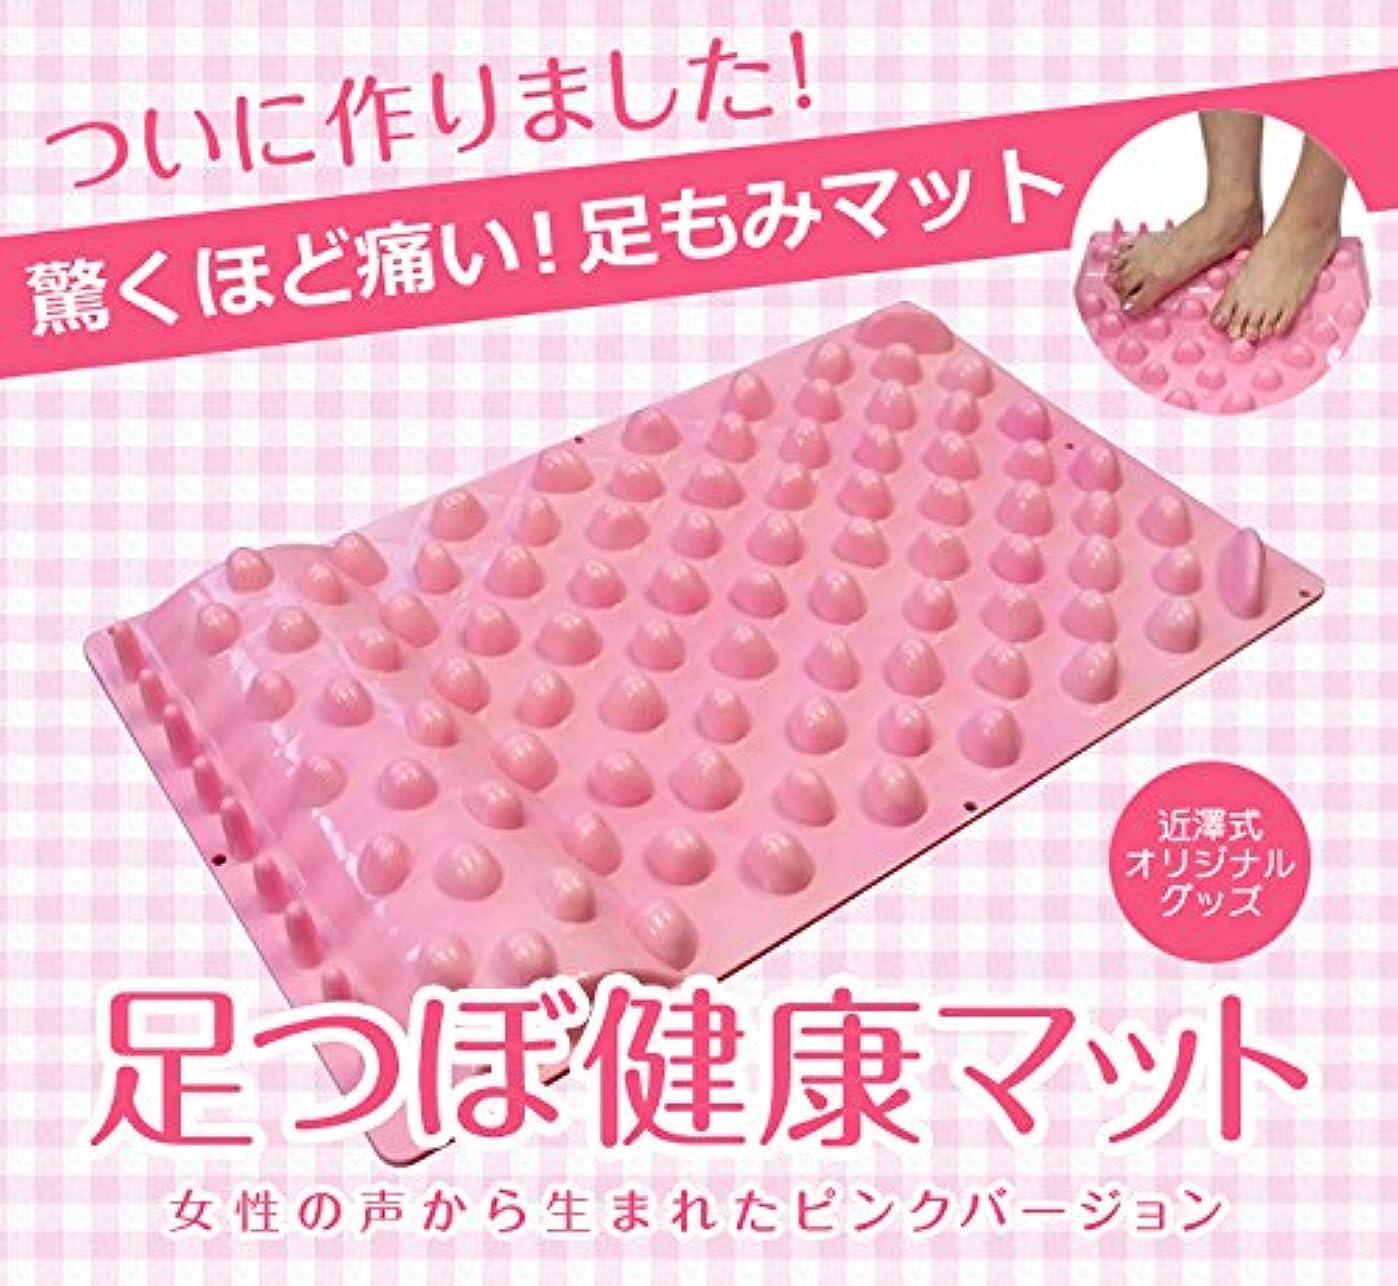 極貧トリップ習慣【近澤式】足つぼマット ピンク